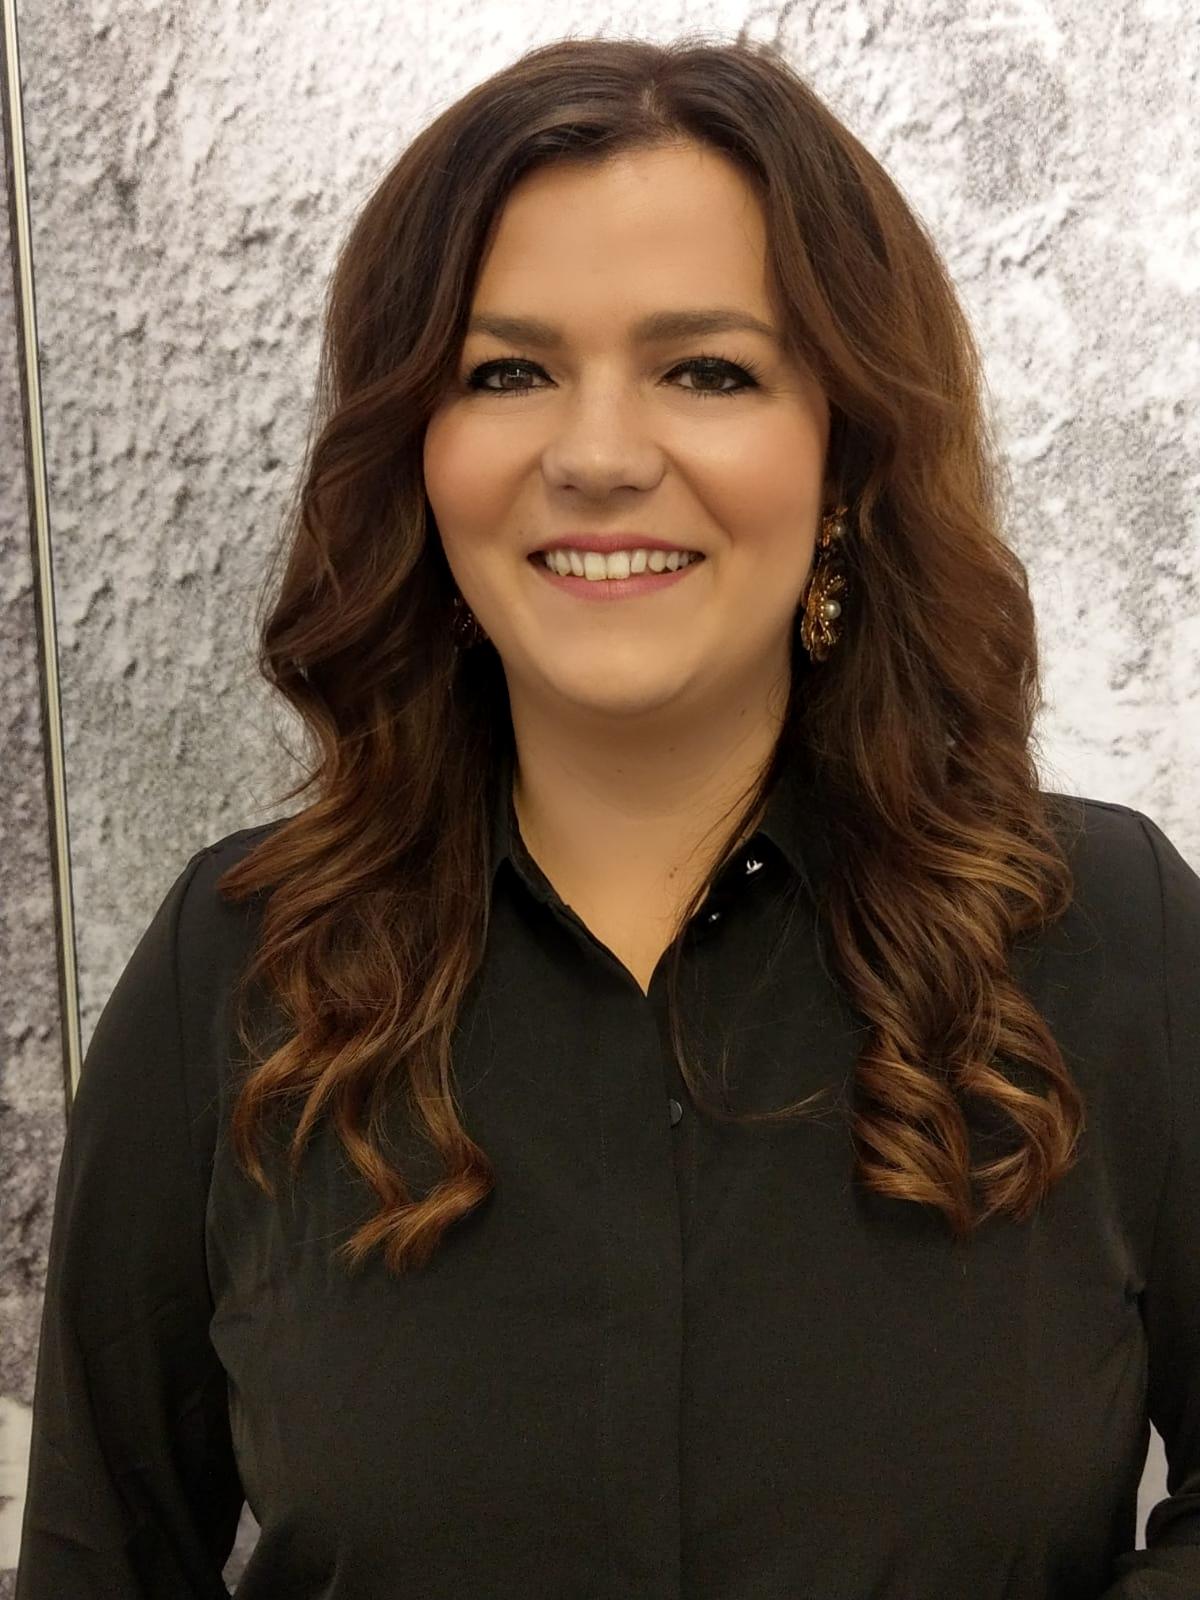 Claudia - Kapper bij Hairfriends Haar&Visagie Dronten